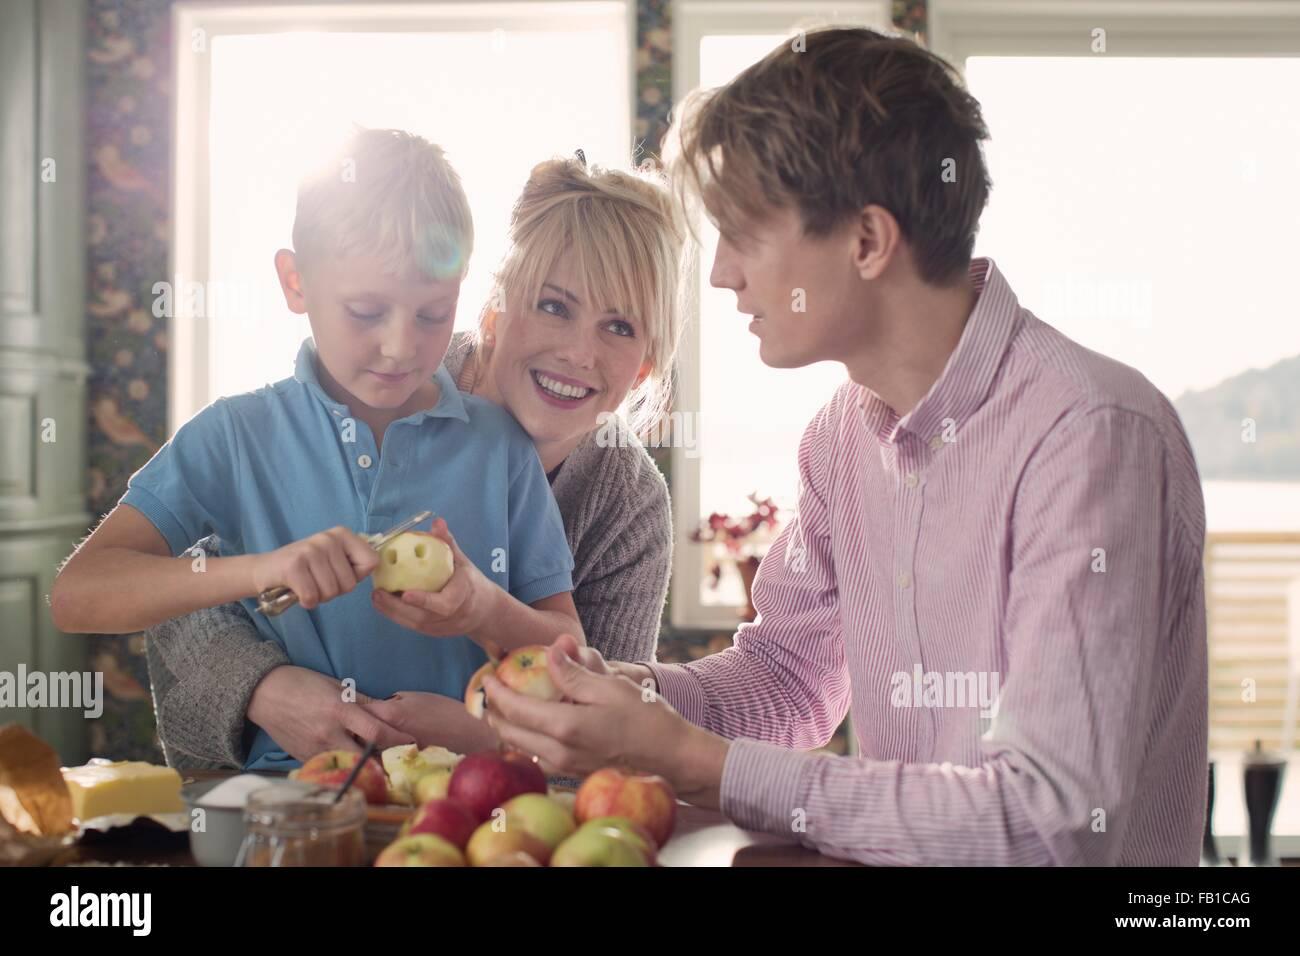 Les parents et les fils l'épluchage des pommes biologiques dans la cuisine Photo Stock